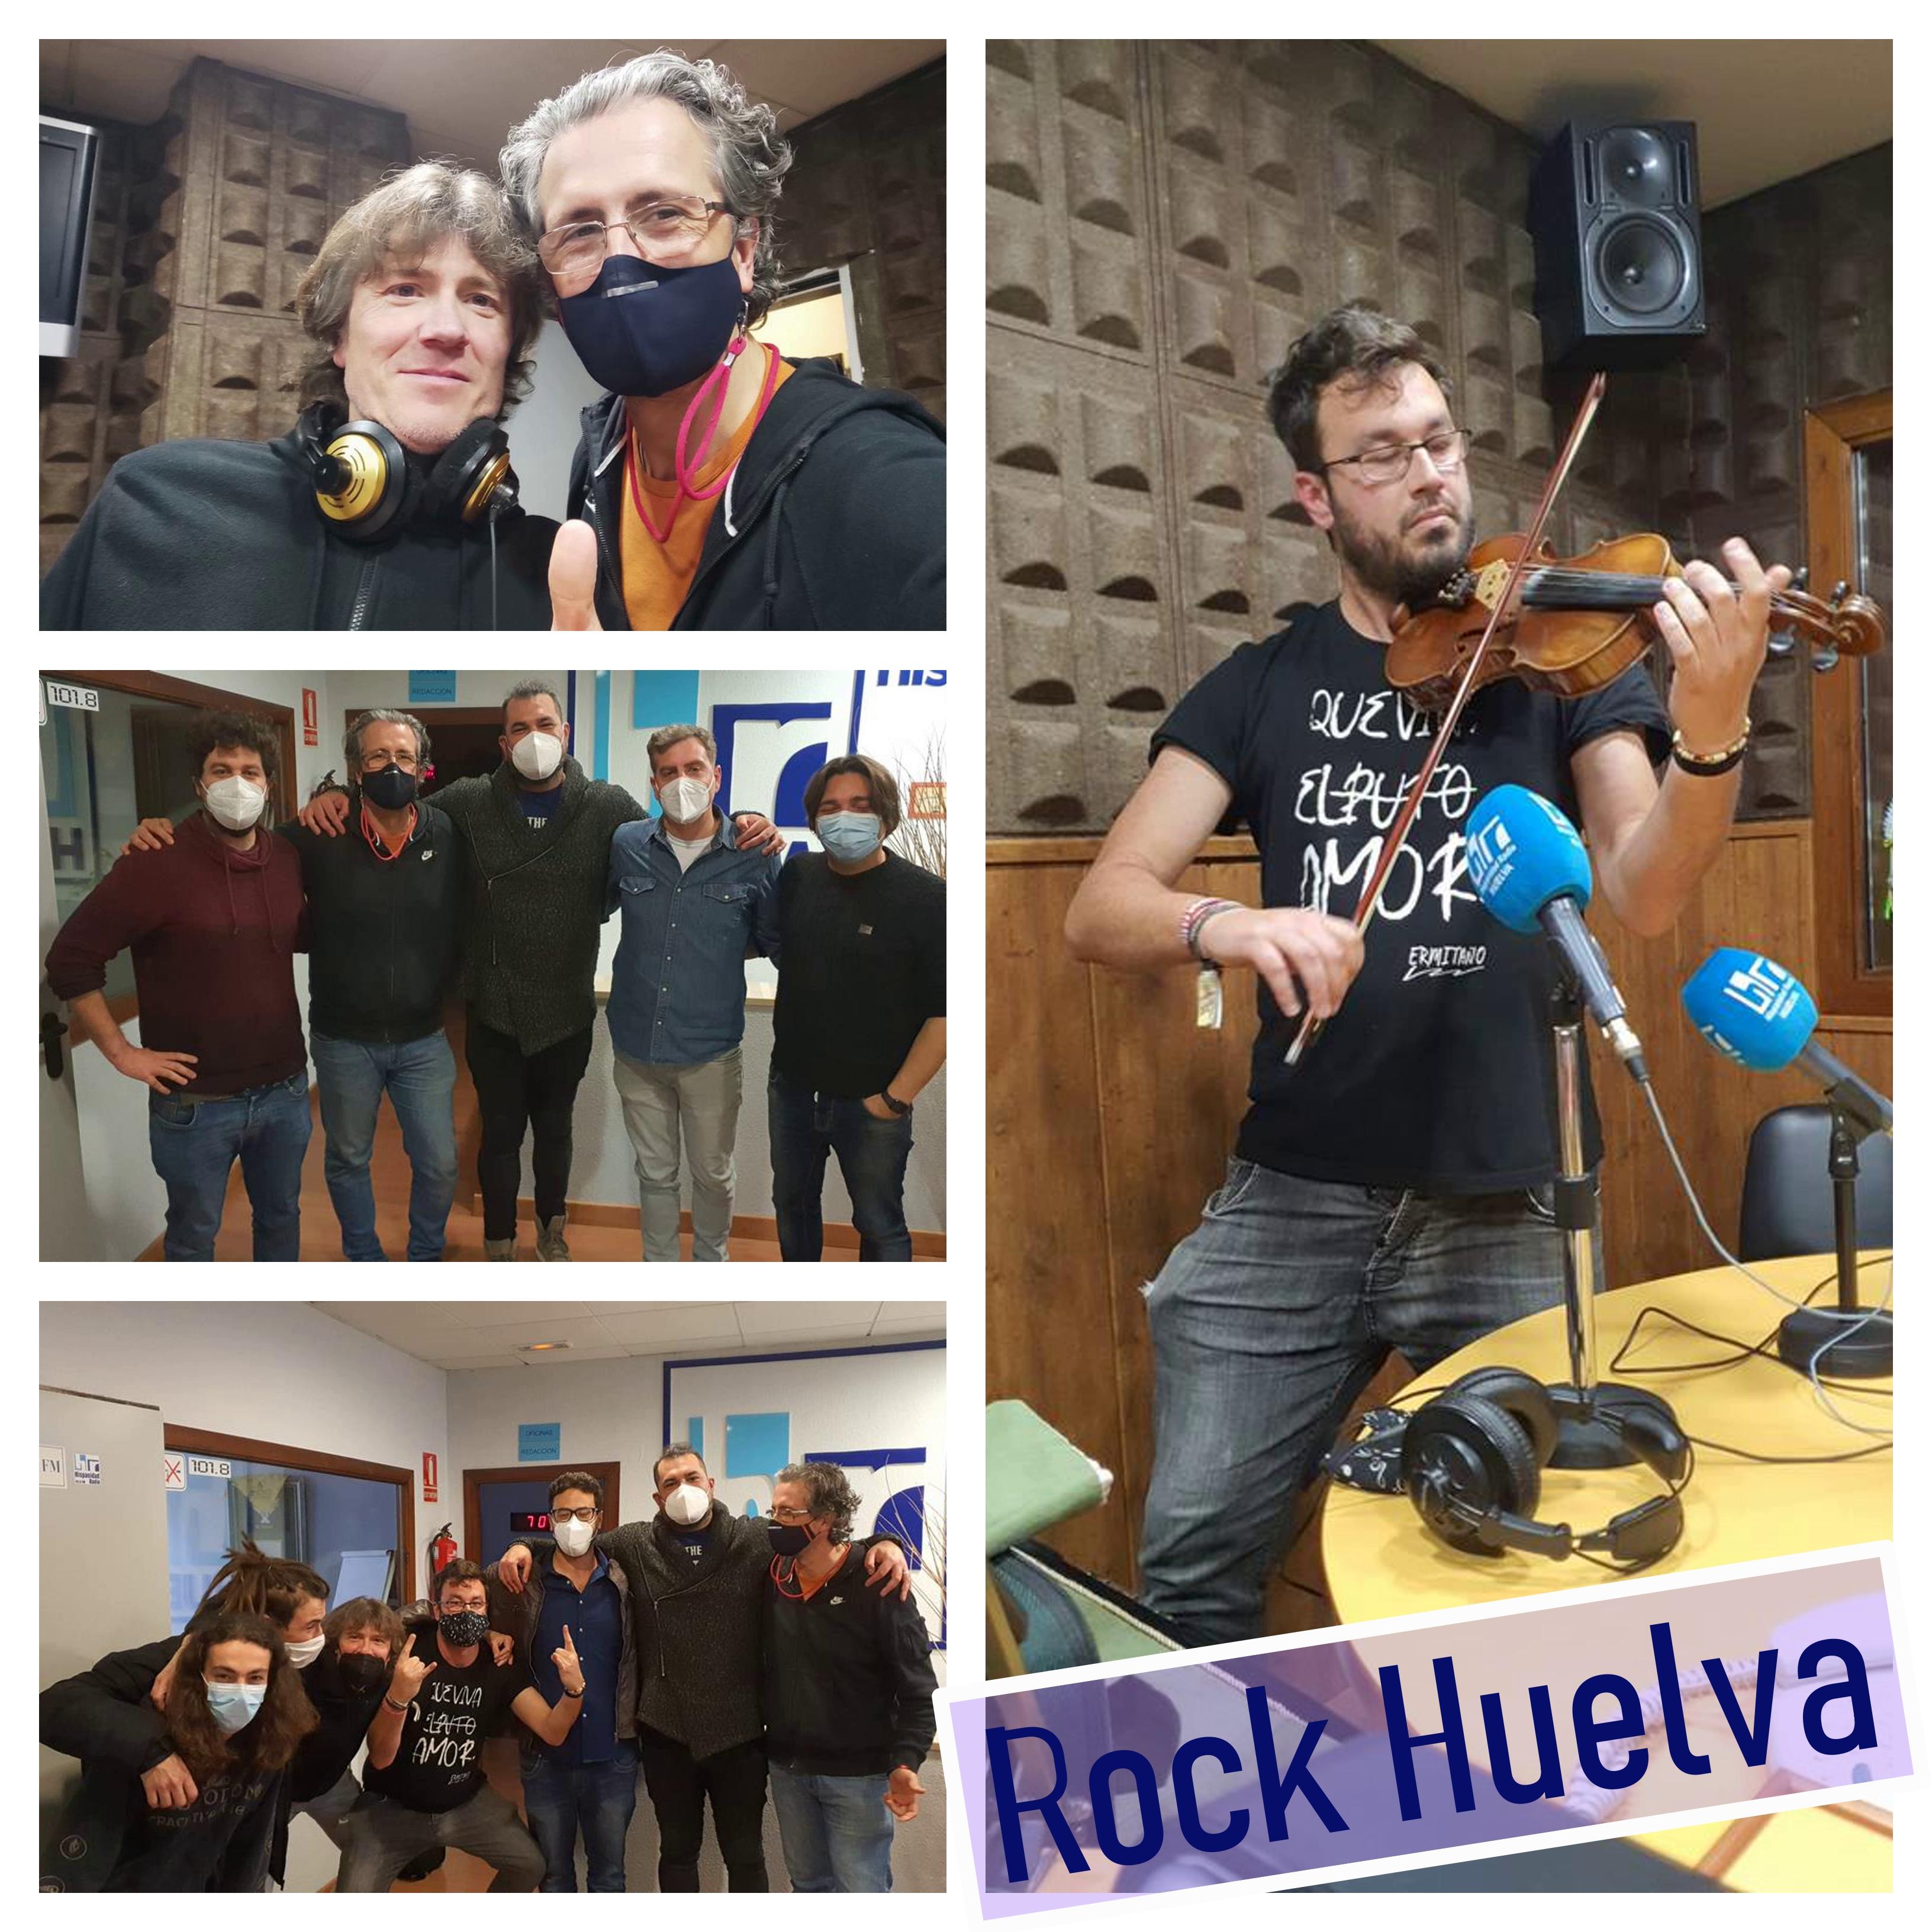 ROCK'N'HUELVA #86 27-02-2021